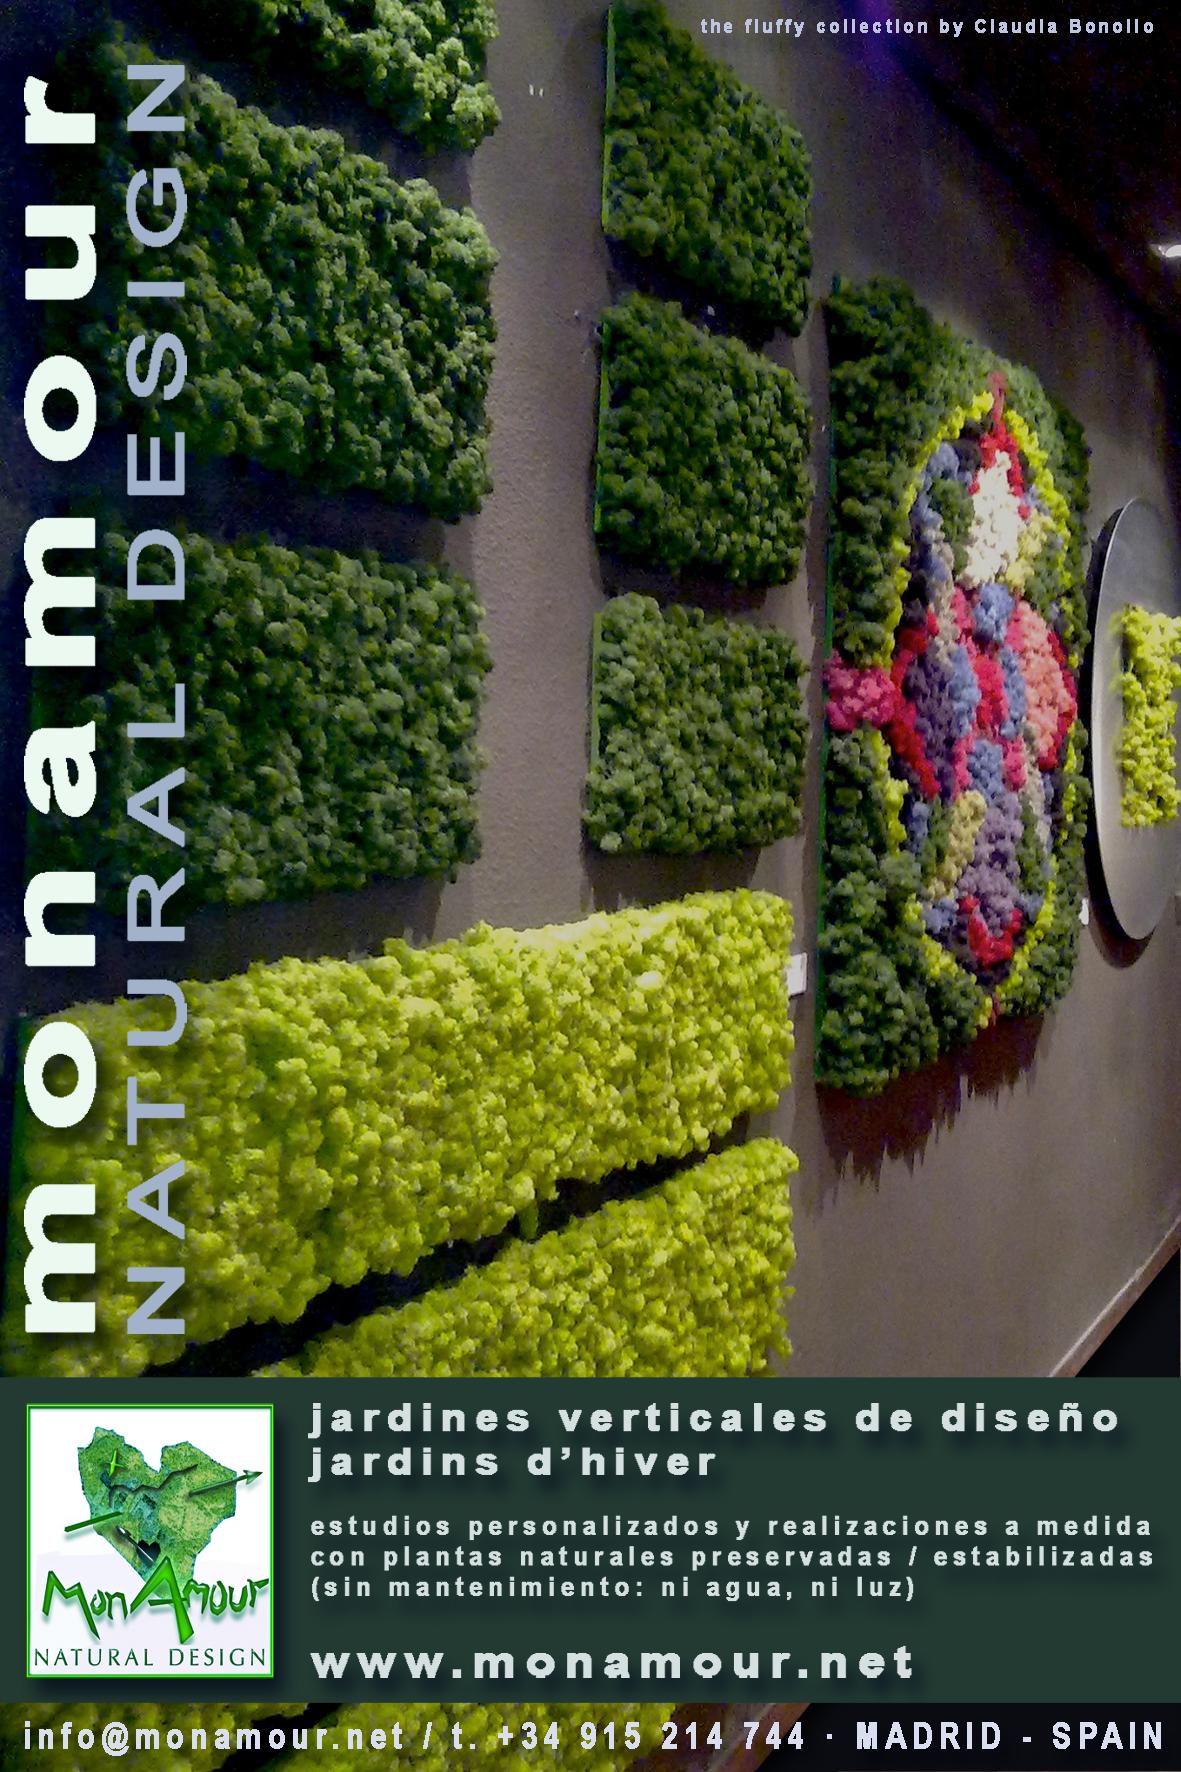 Jardines verticales claudia bonollo for Materiales para jardines verticales